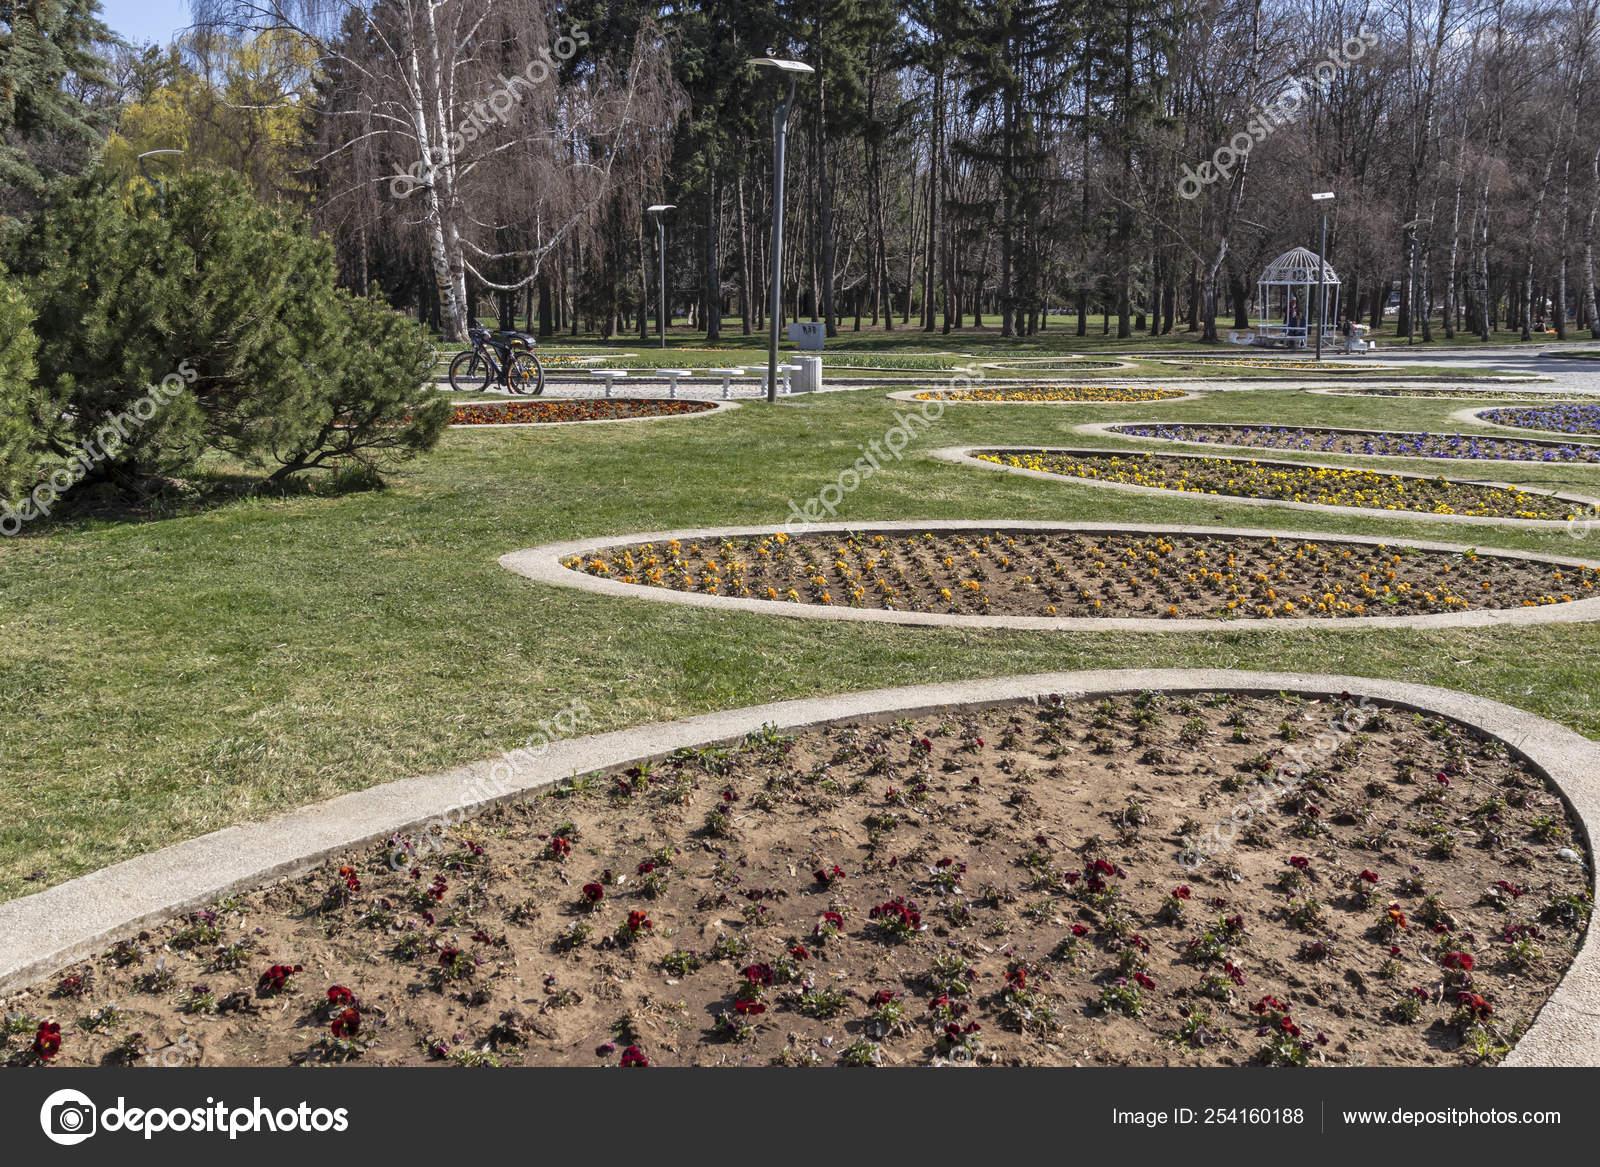 чернеют болгария софия фотографии на память южный парк вечеринке присутствовали гости